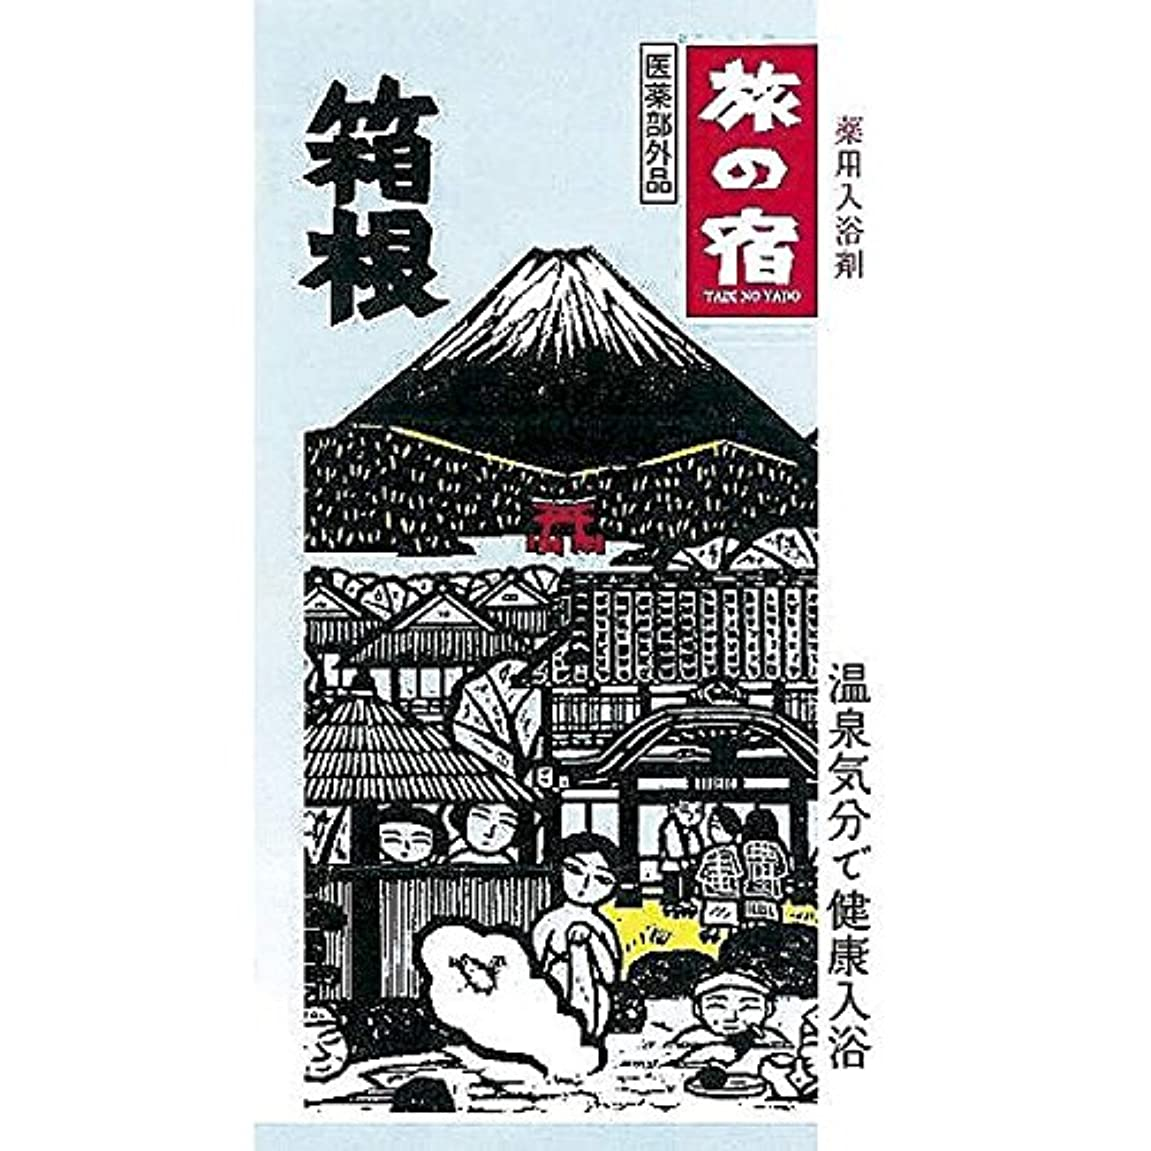 状証明書コーラスクラシエ 旅の宿 分包(1P) 箱根 80686 (B525-06)